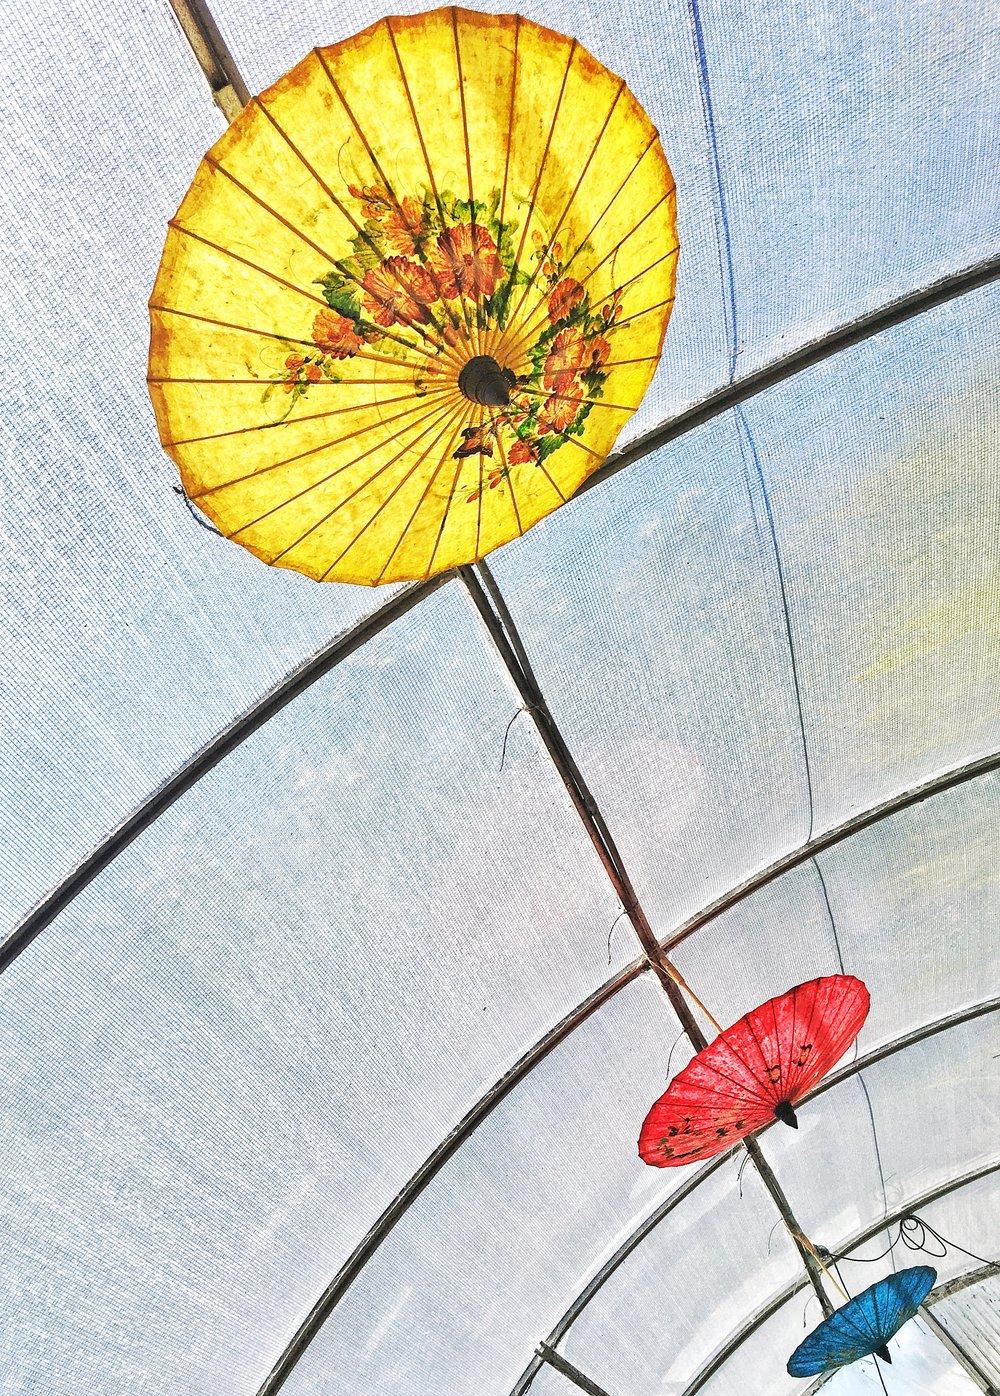 Primary color parasols